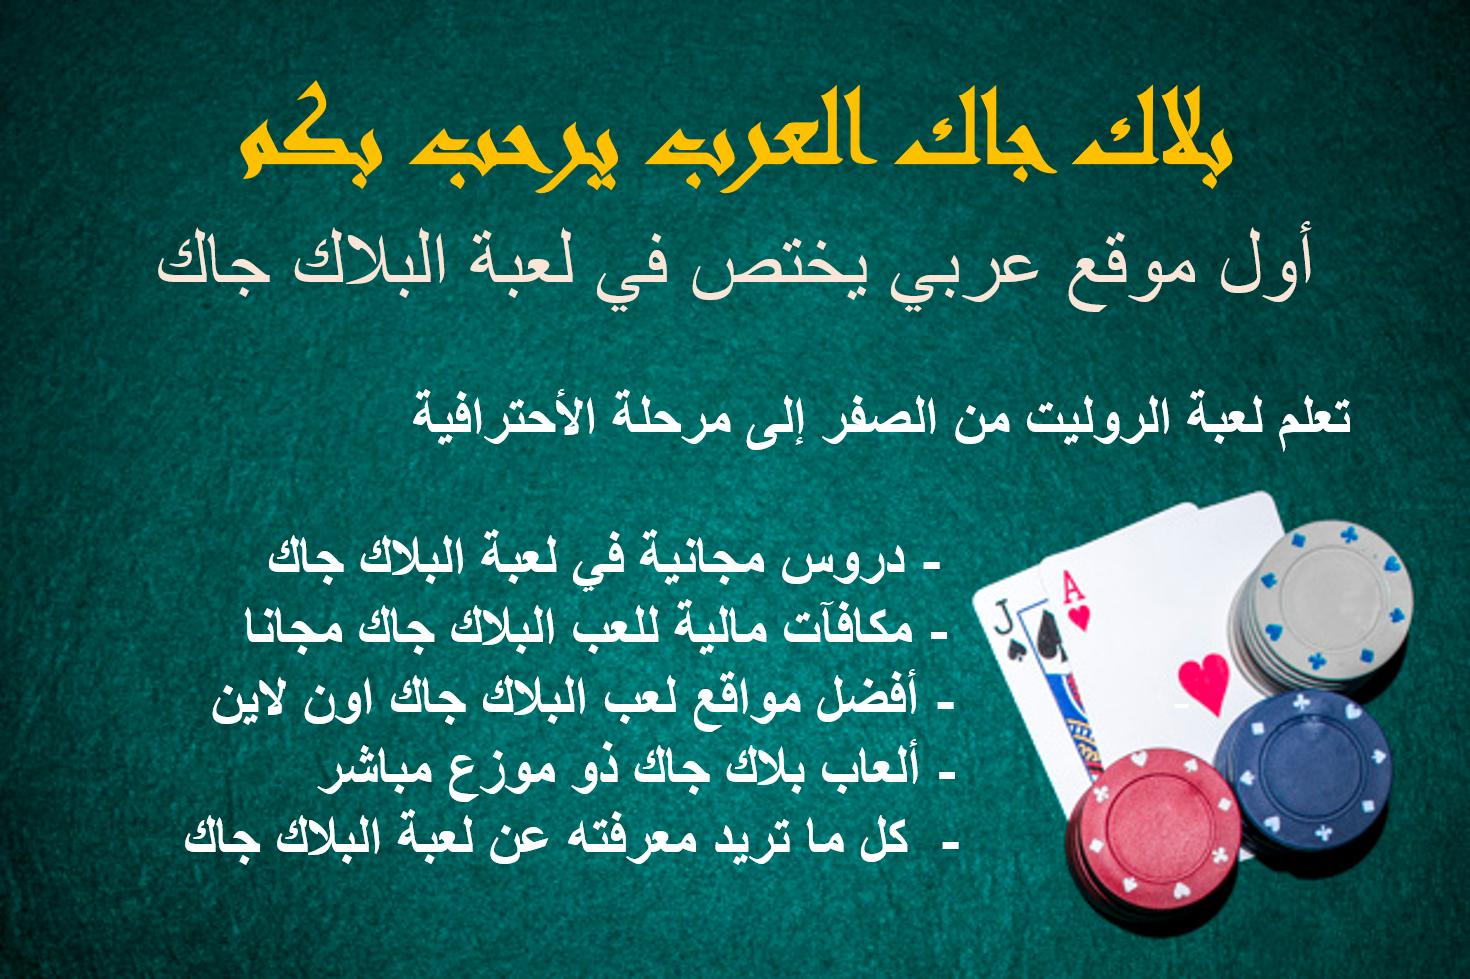 لعبة الروليت - 58362